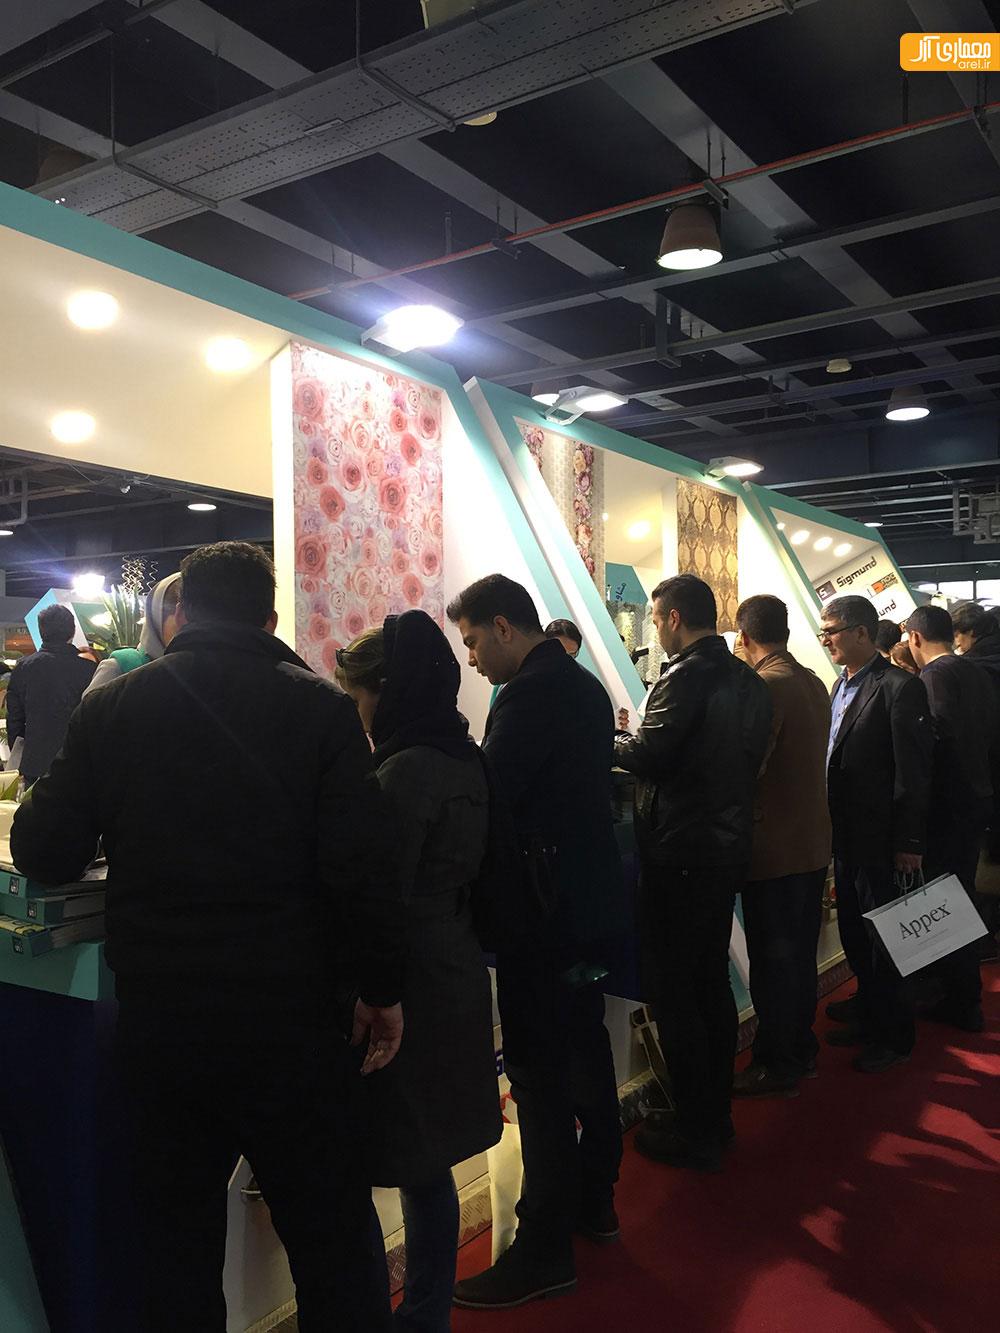 گزارش آرل از هفتمین نمایشگاه بين المللی معماری و دكوراسيون داخلی میدکس